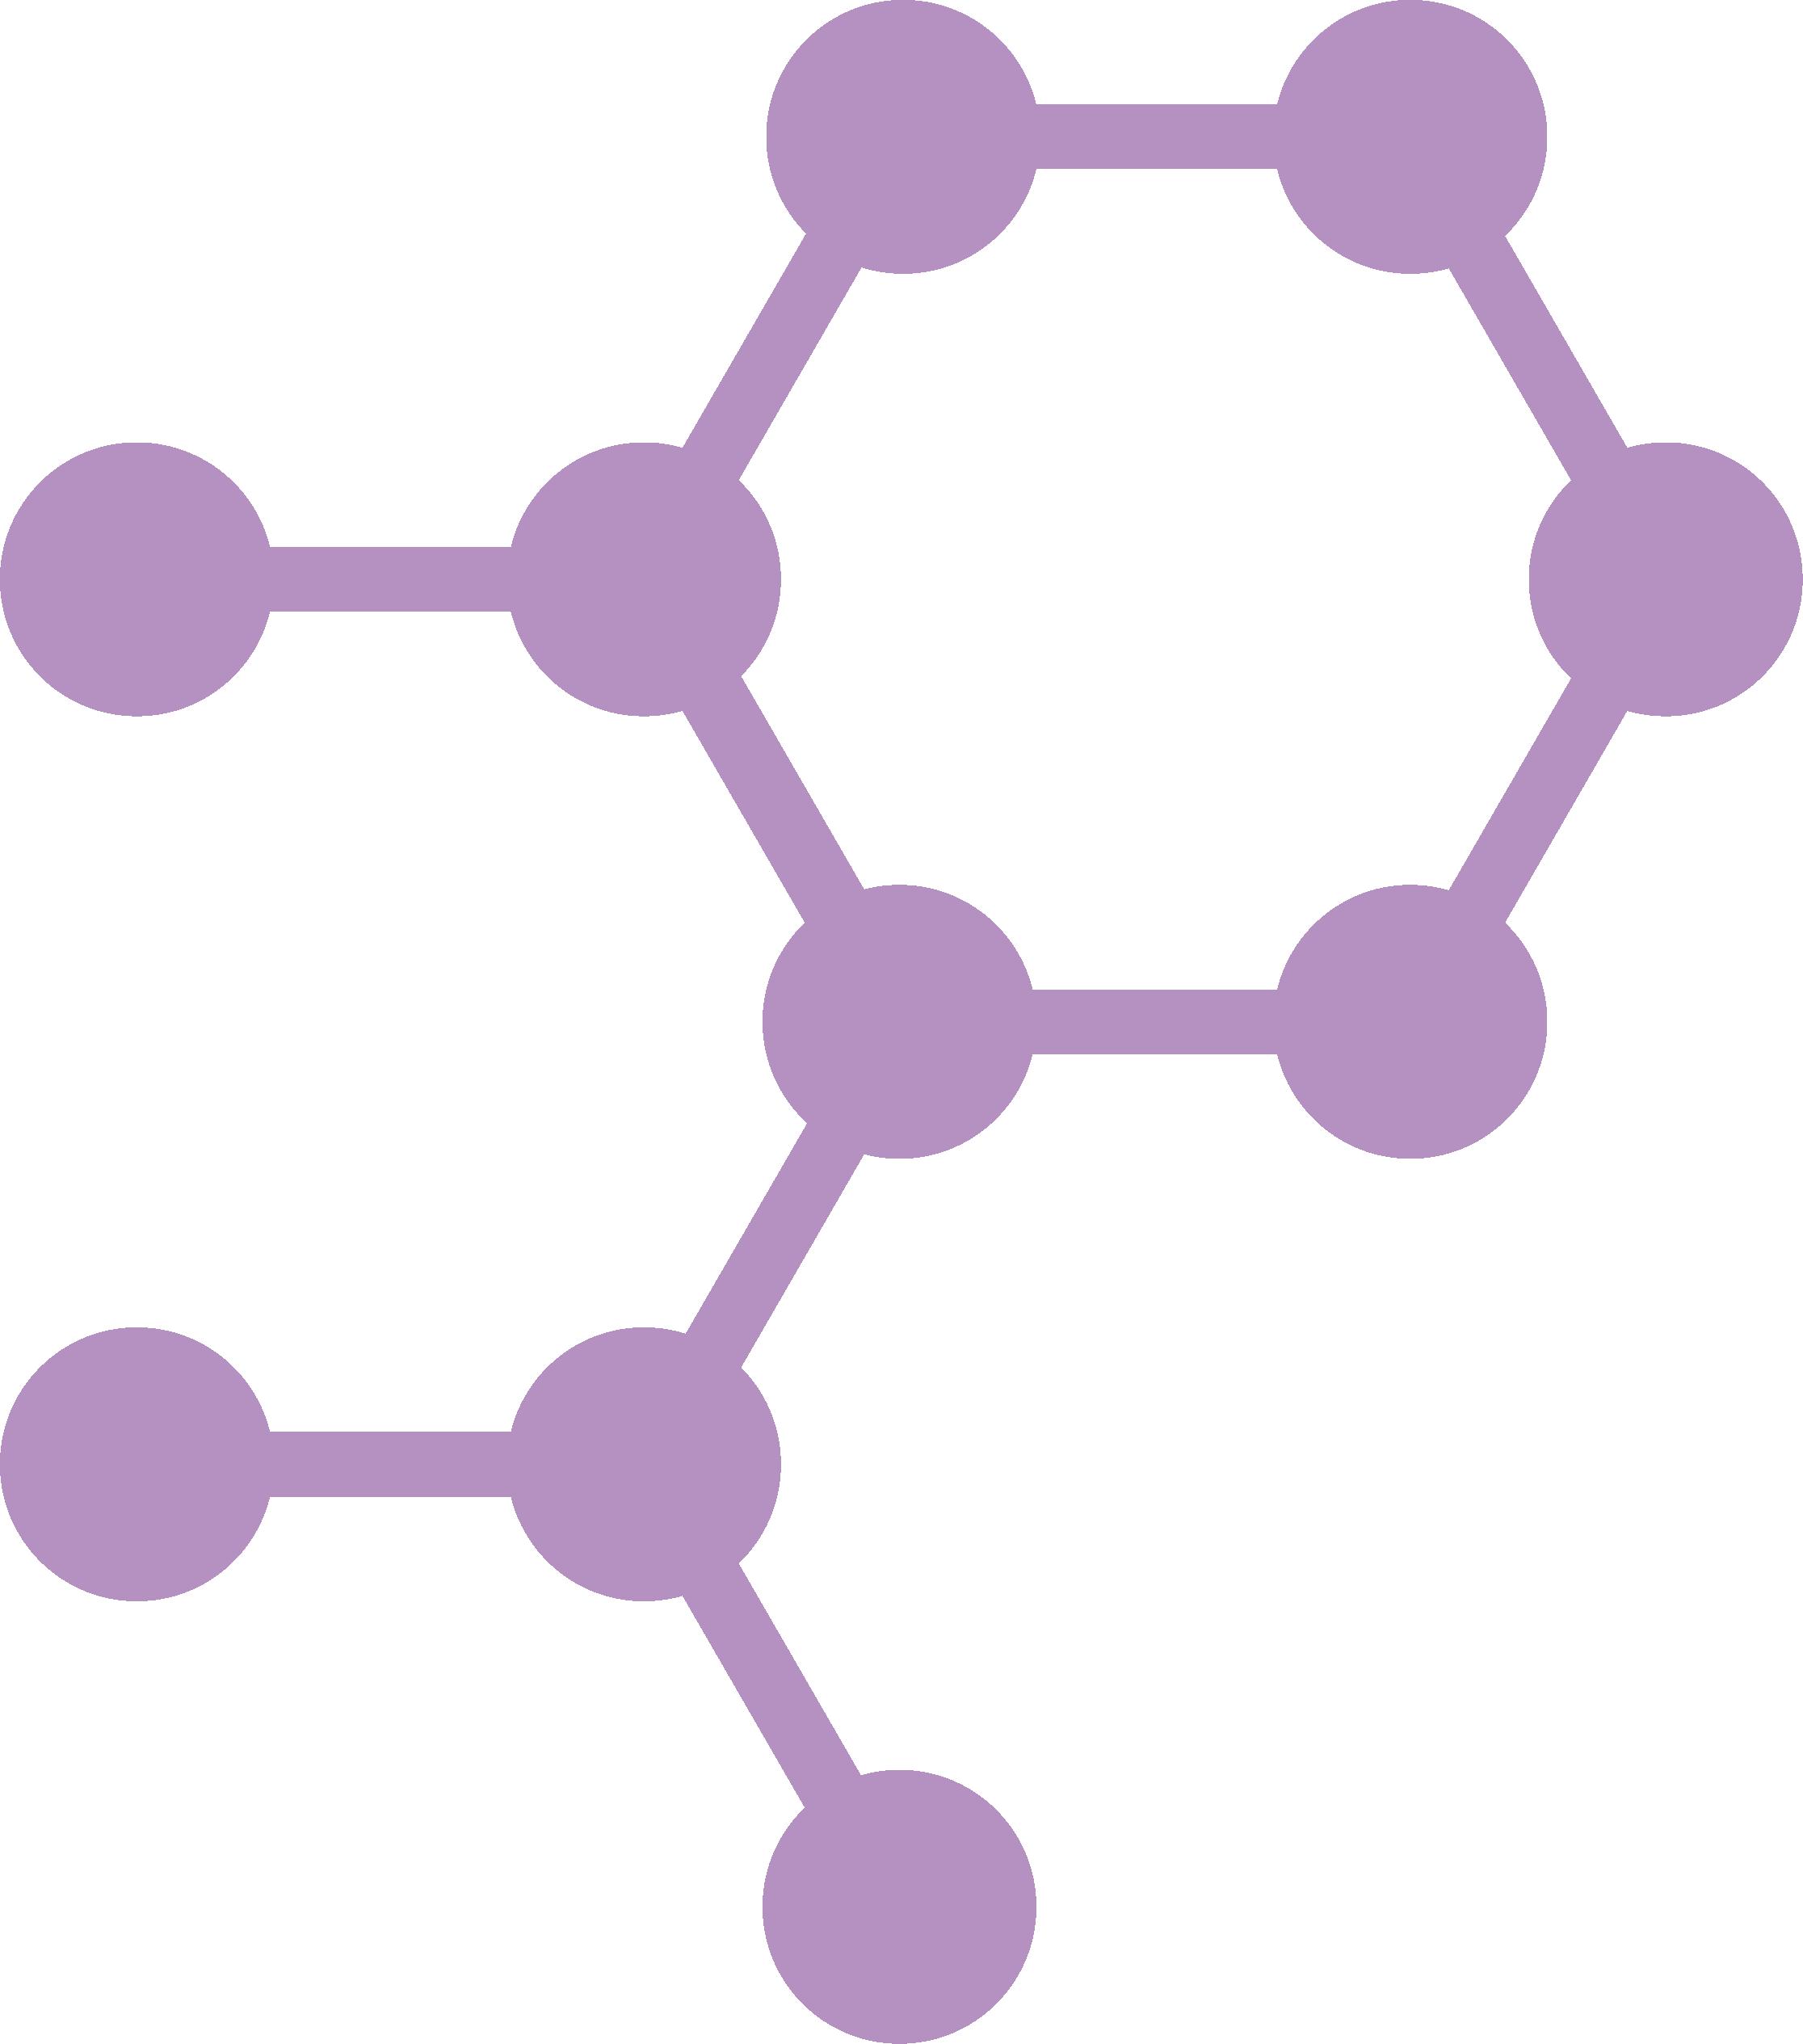 purplemoleculelogo.png